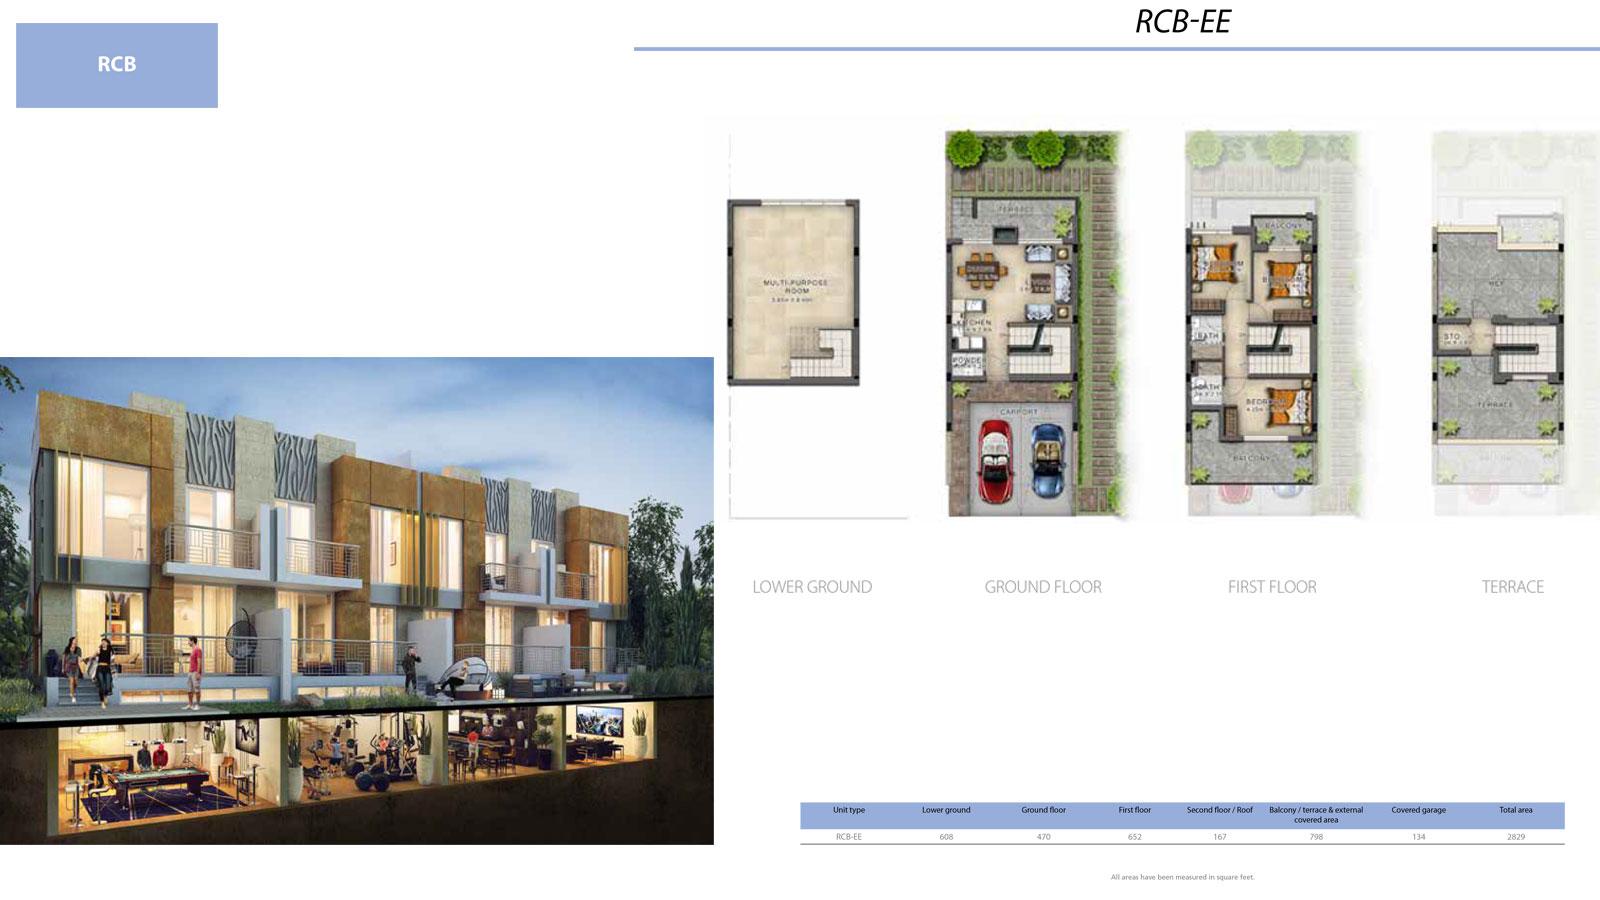 3 BR RCB       (RCB-EE, 3 Bedroom Villa, Size 2829 sq ft)